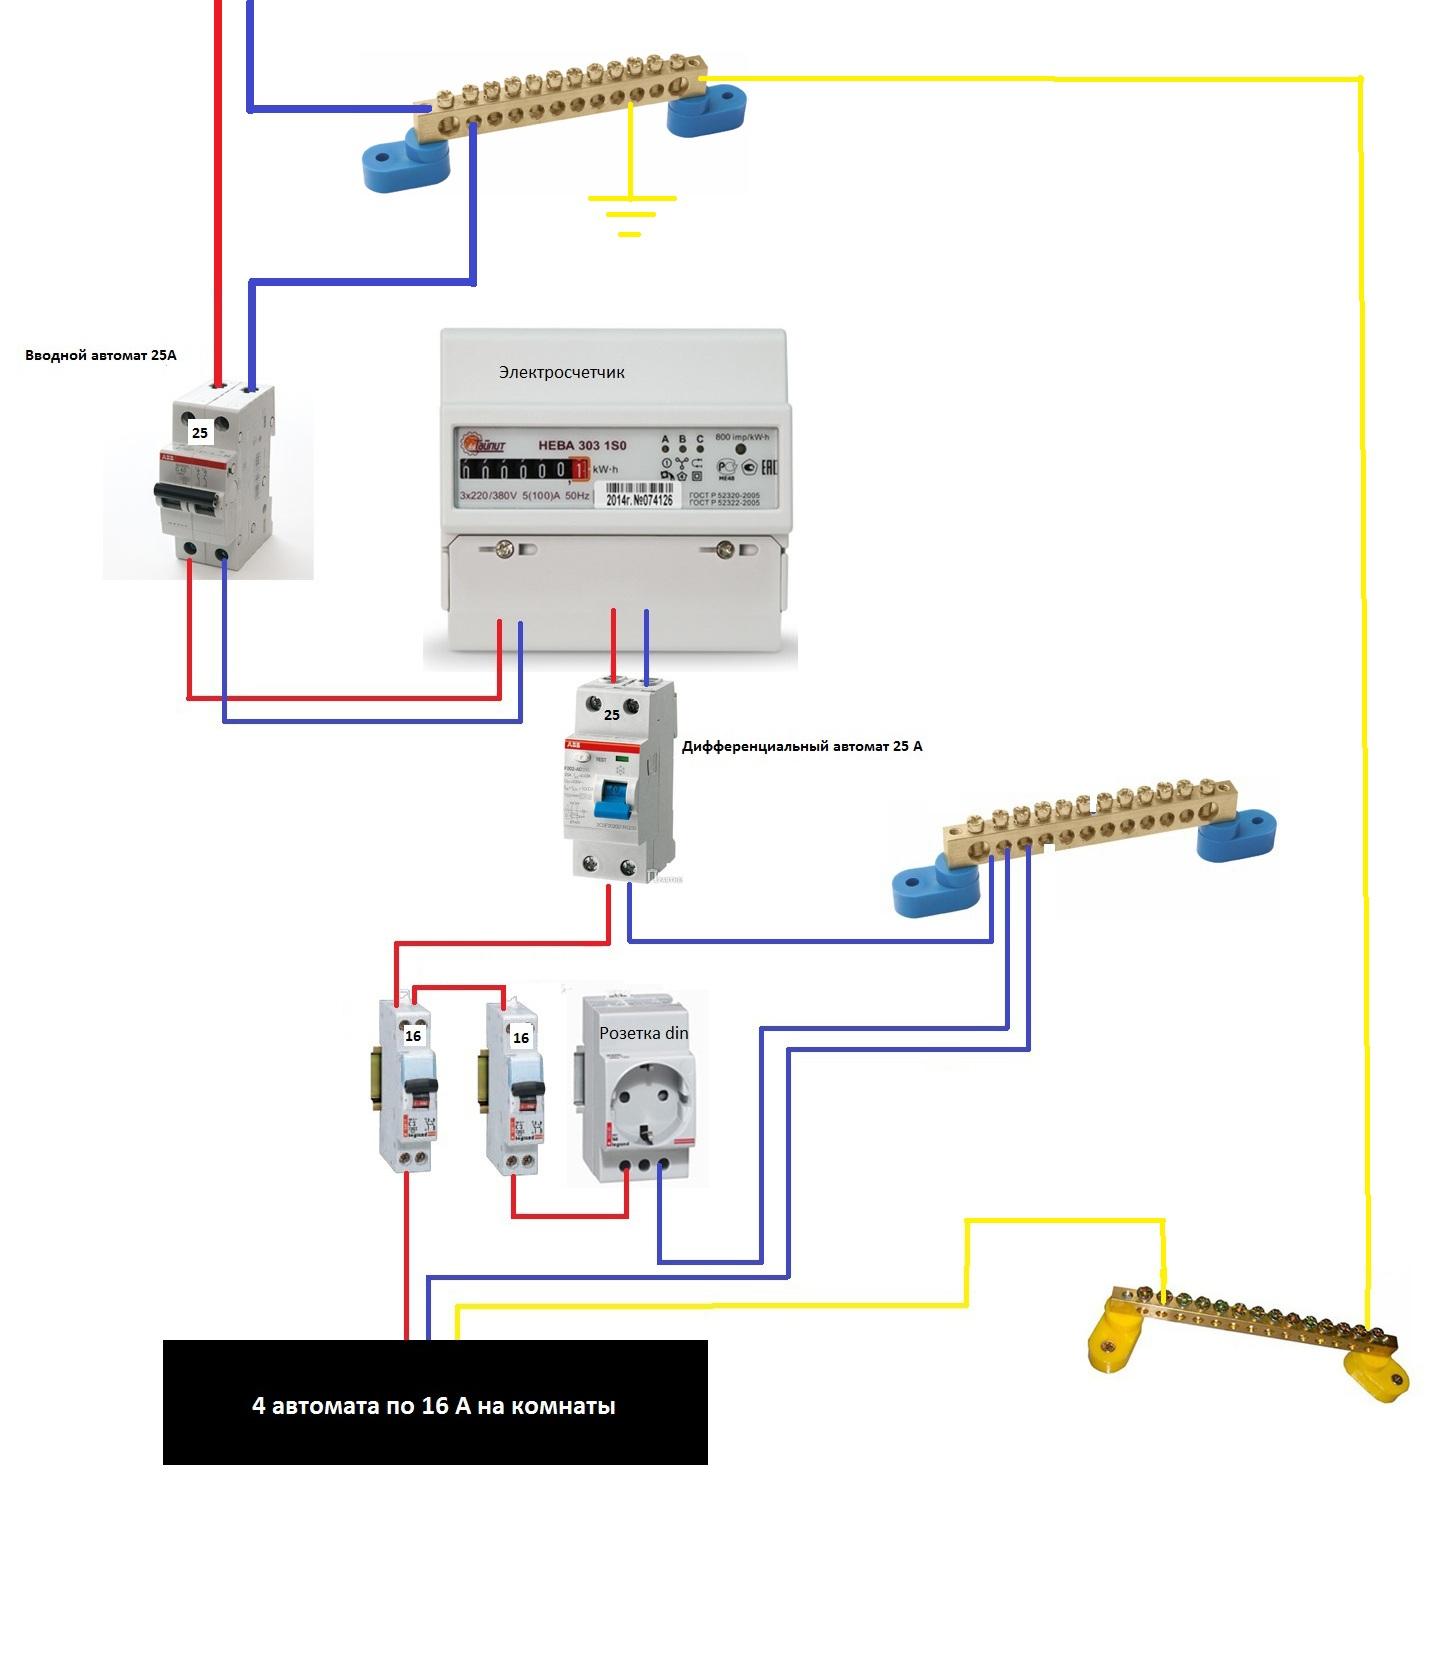 Устройство автоматического выключателя серии ва47-29